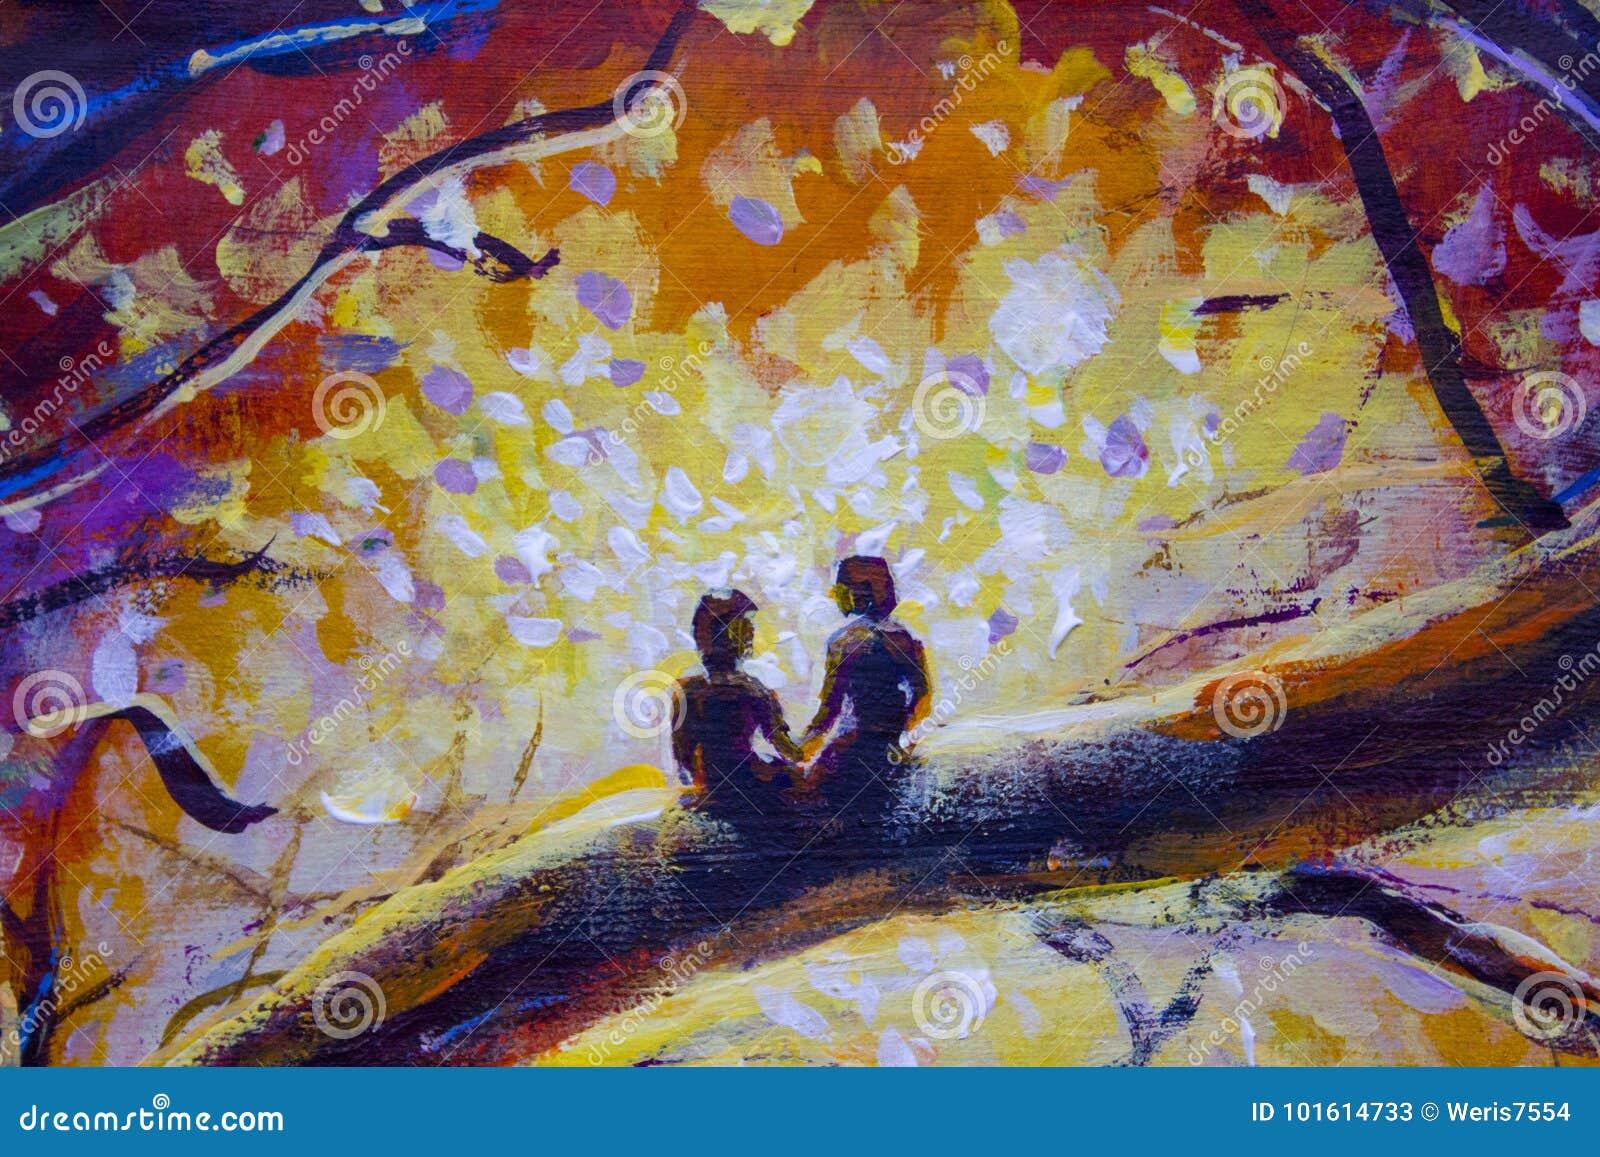 Peinture à Lhuile Originale Sur La Toile Peinture Colorée Art